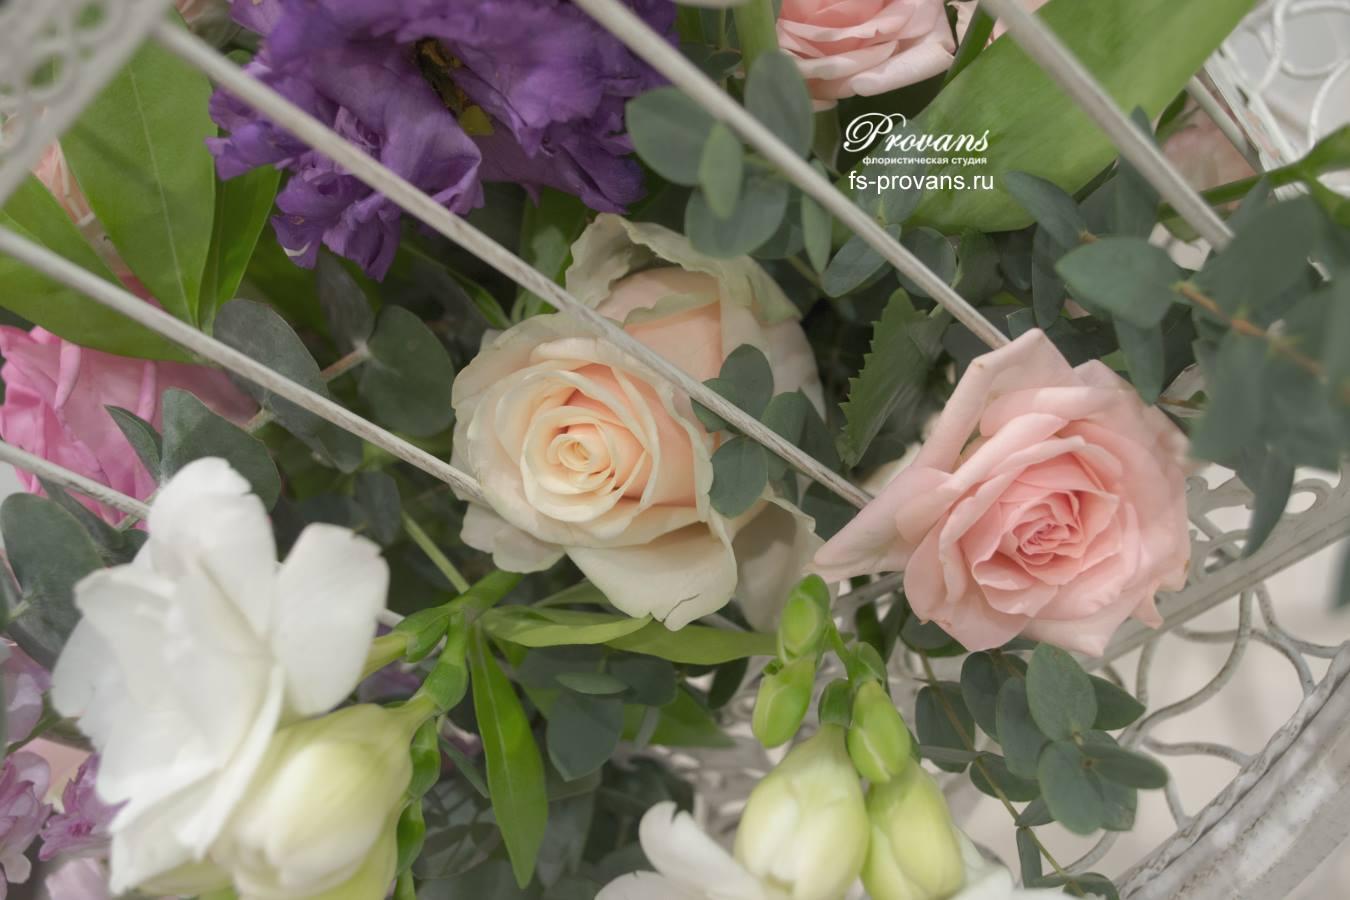 Цветы в клетке. Роза, матиола, фрезия, тюльпаны